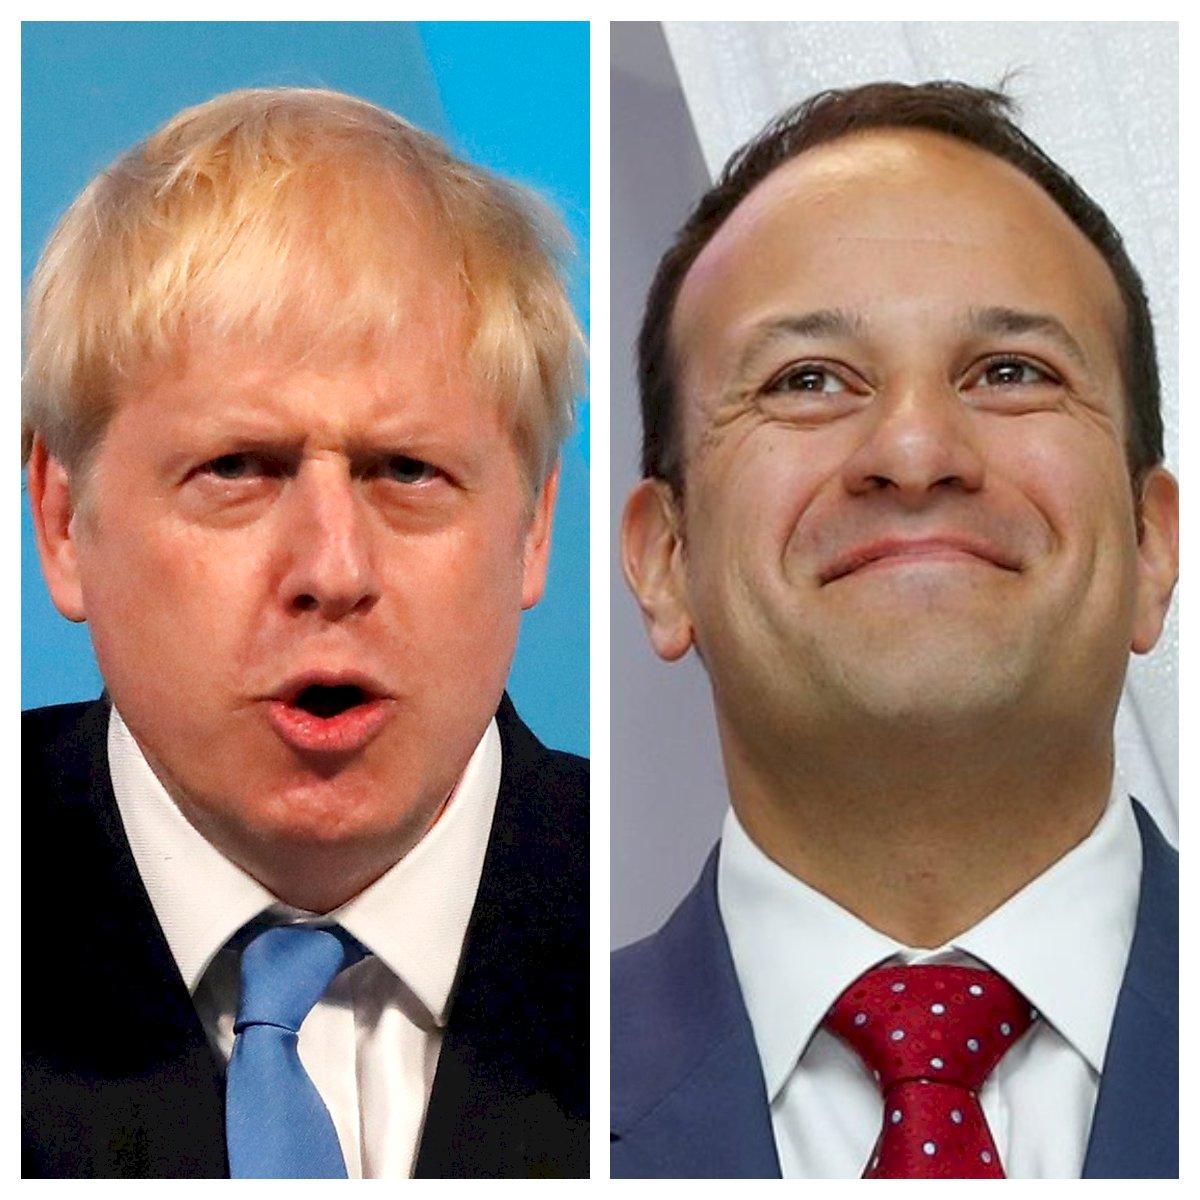 英相強生與愛爾蘭總理會談 求儘速解脫歐僵局